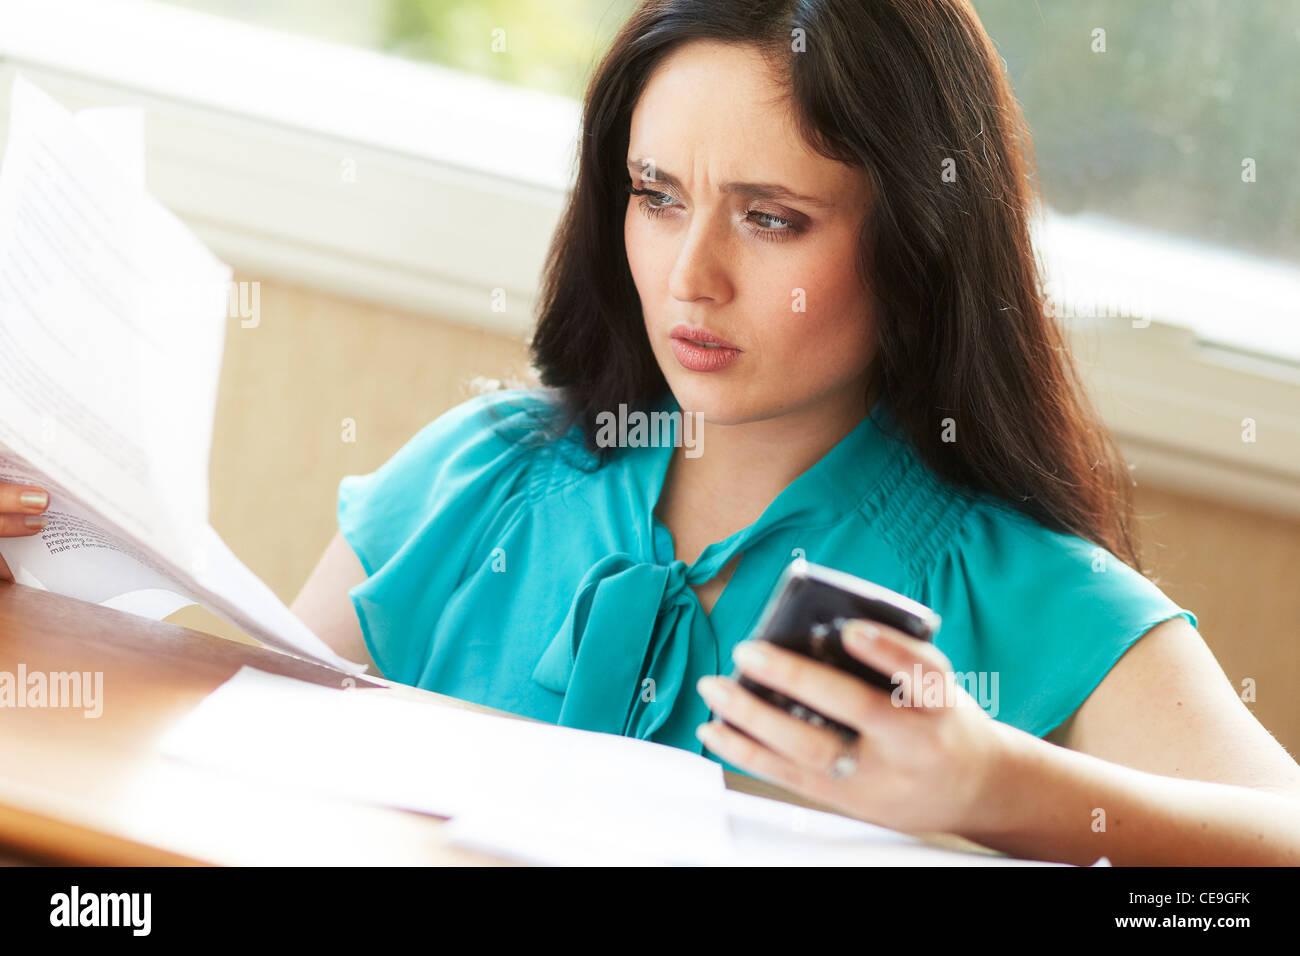 Femme avec des factures de téléphone mobile Photo Stock